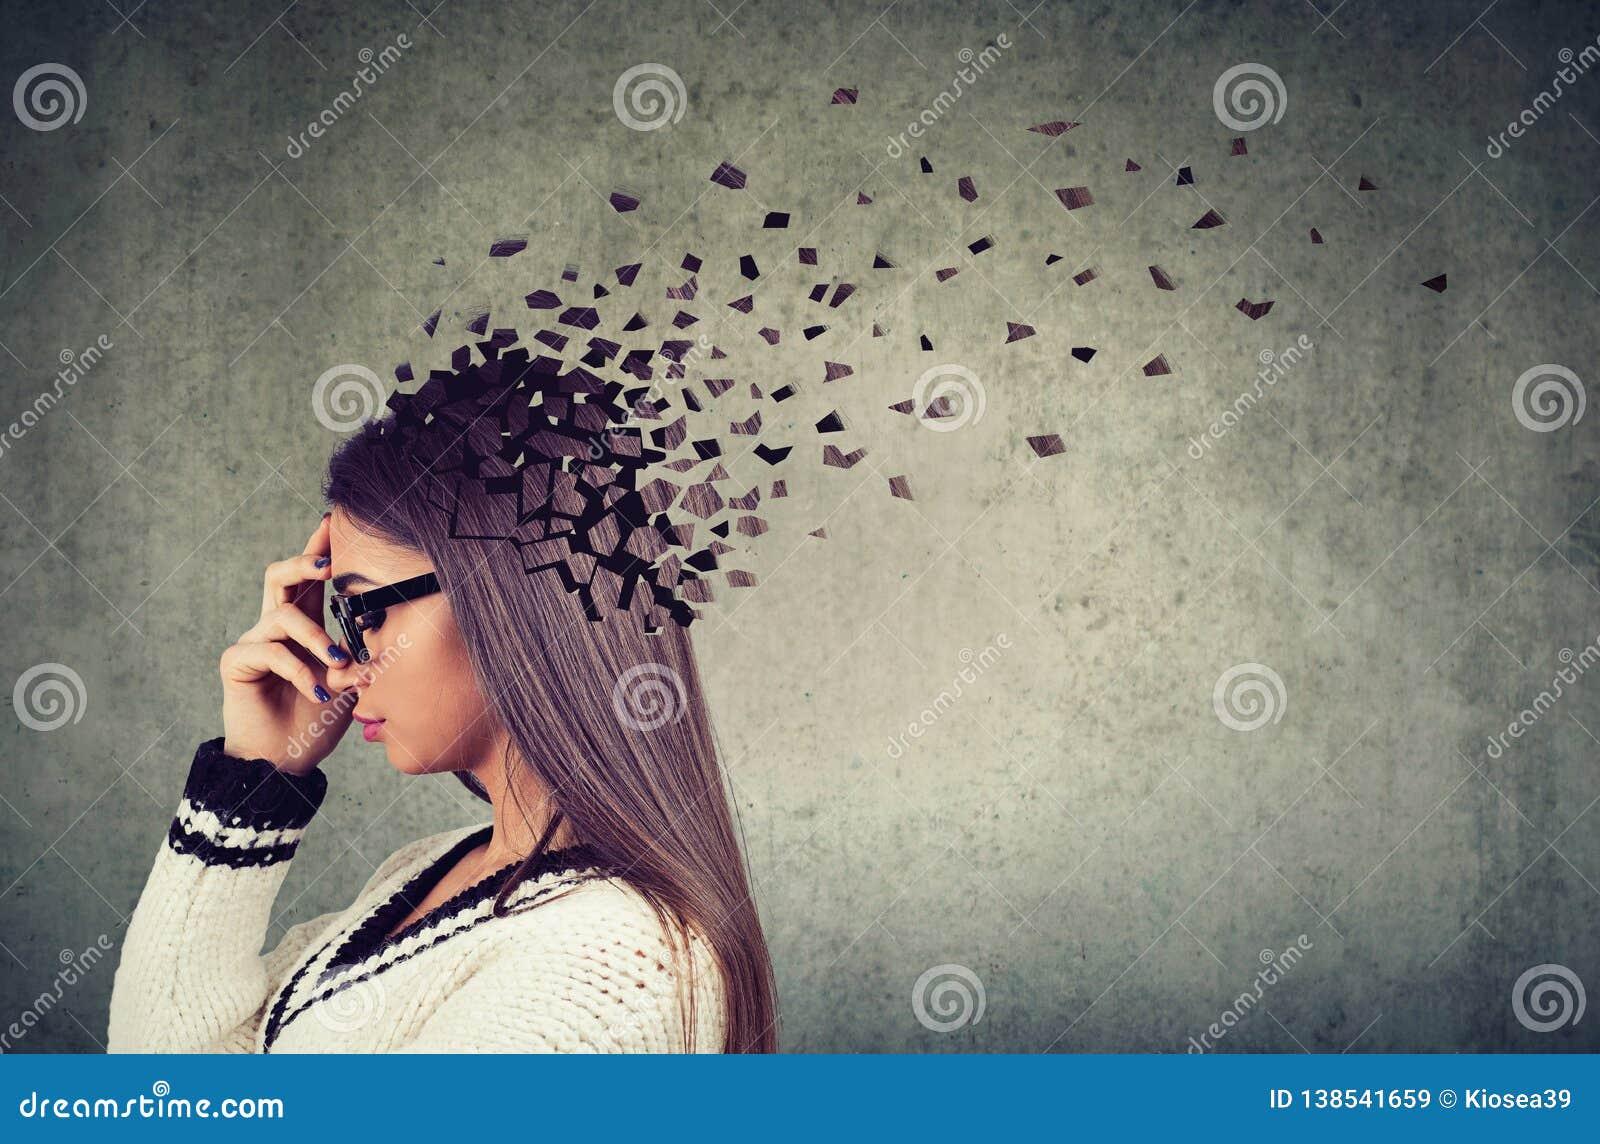 Piezas perdidosas de la mujer de la cabeza como símbolo de la función disminuida de la mente